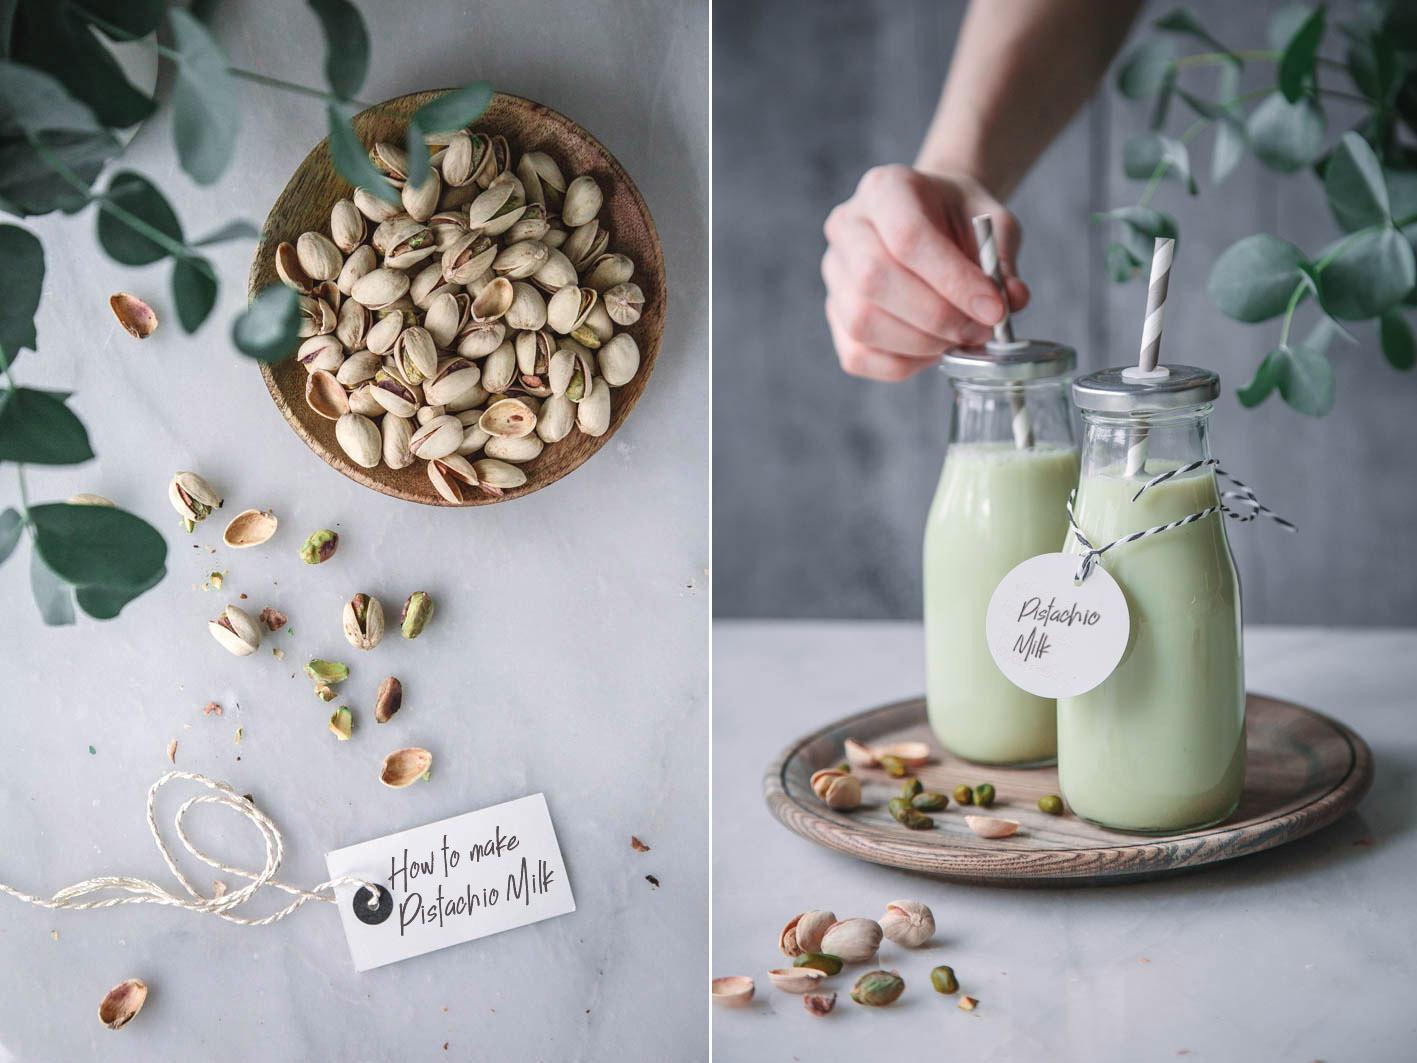 Selbst gemachte Pistazienmilch